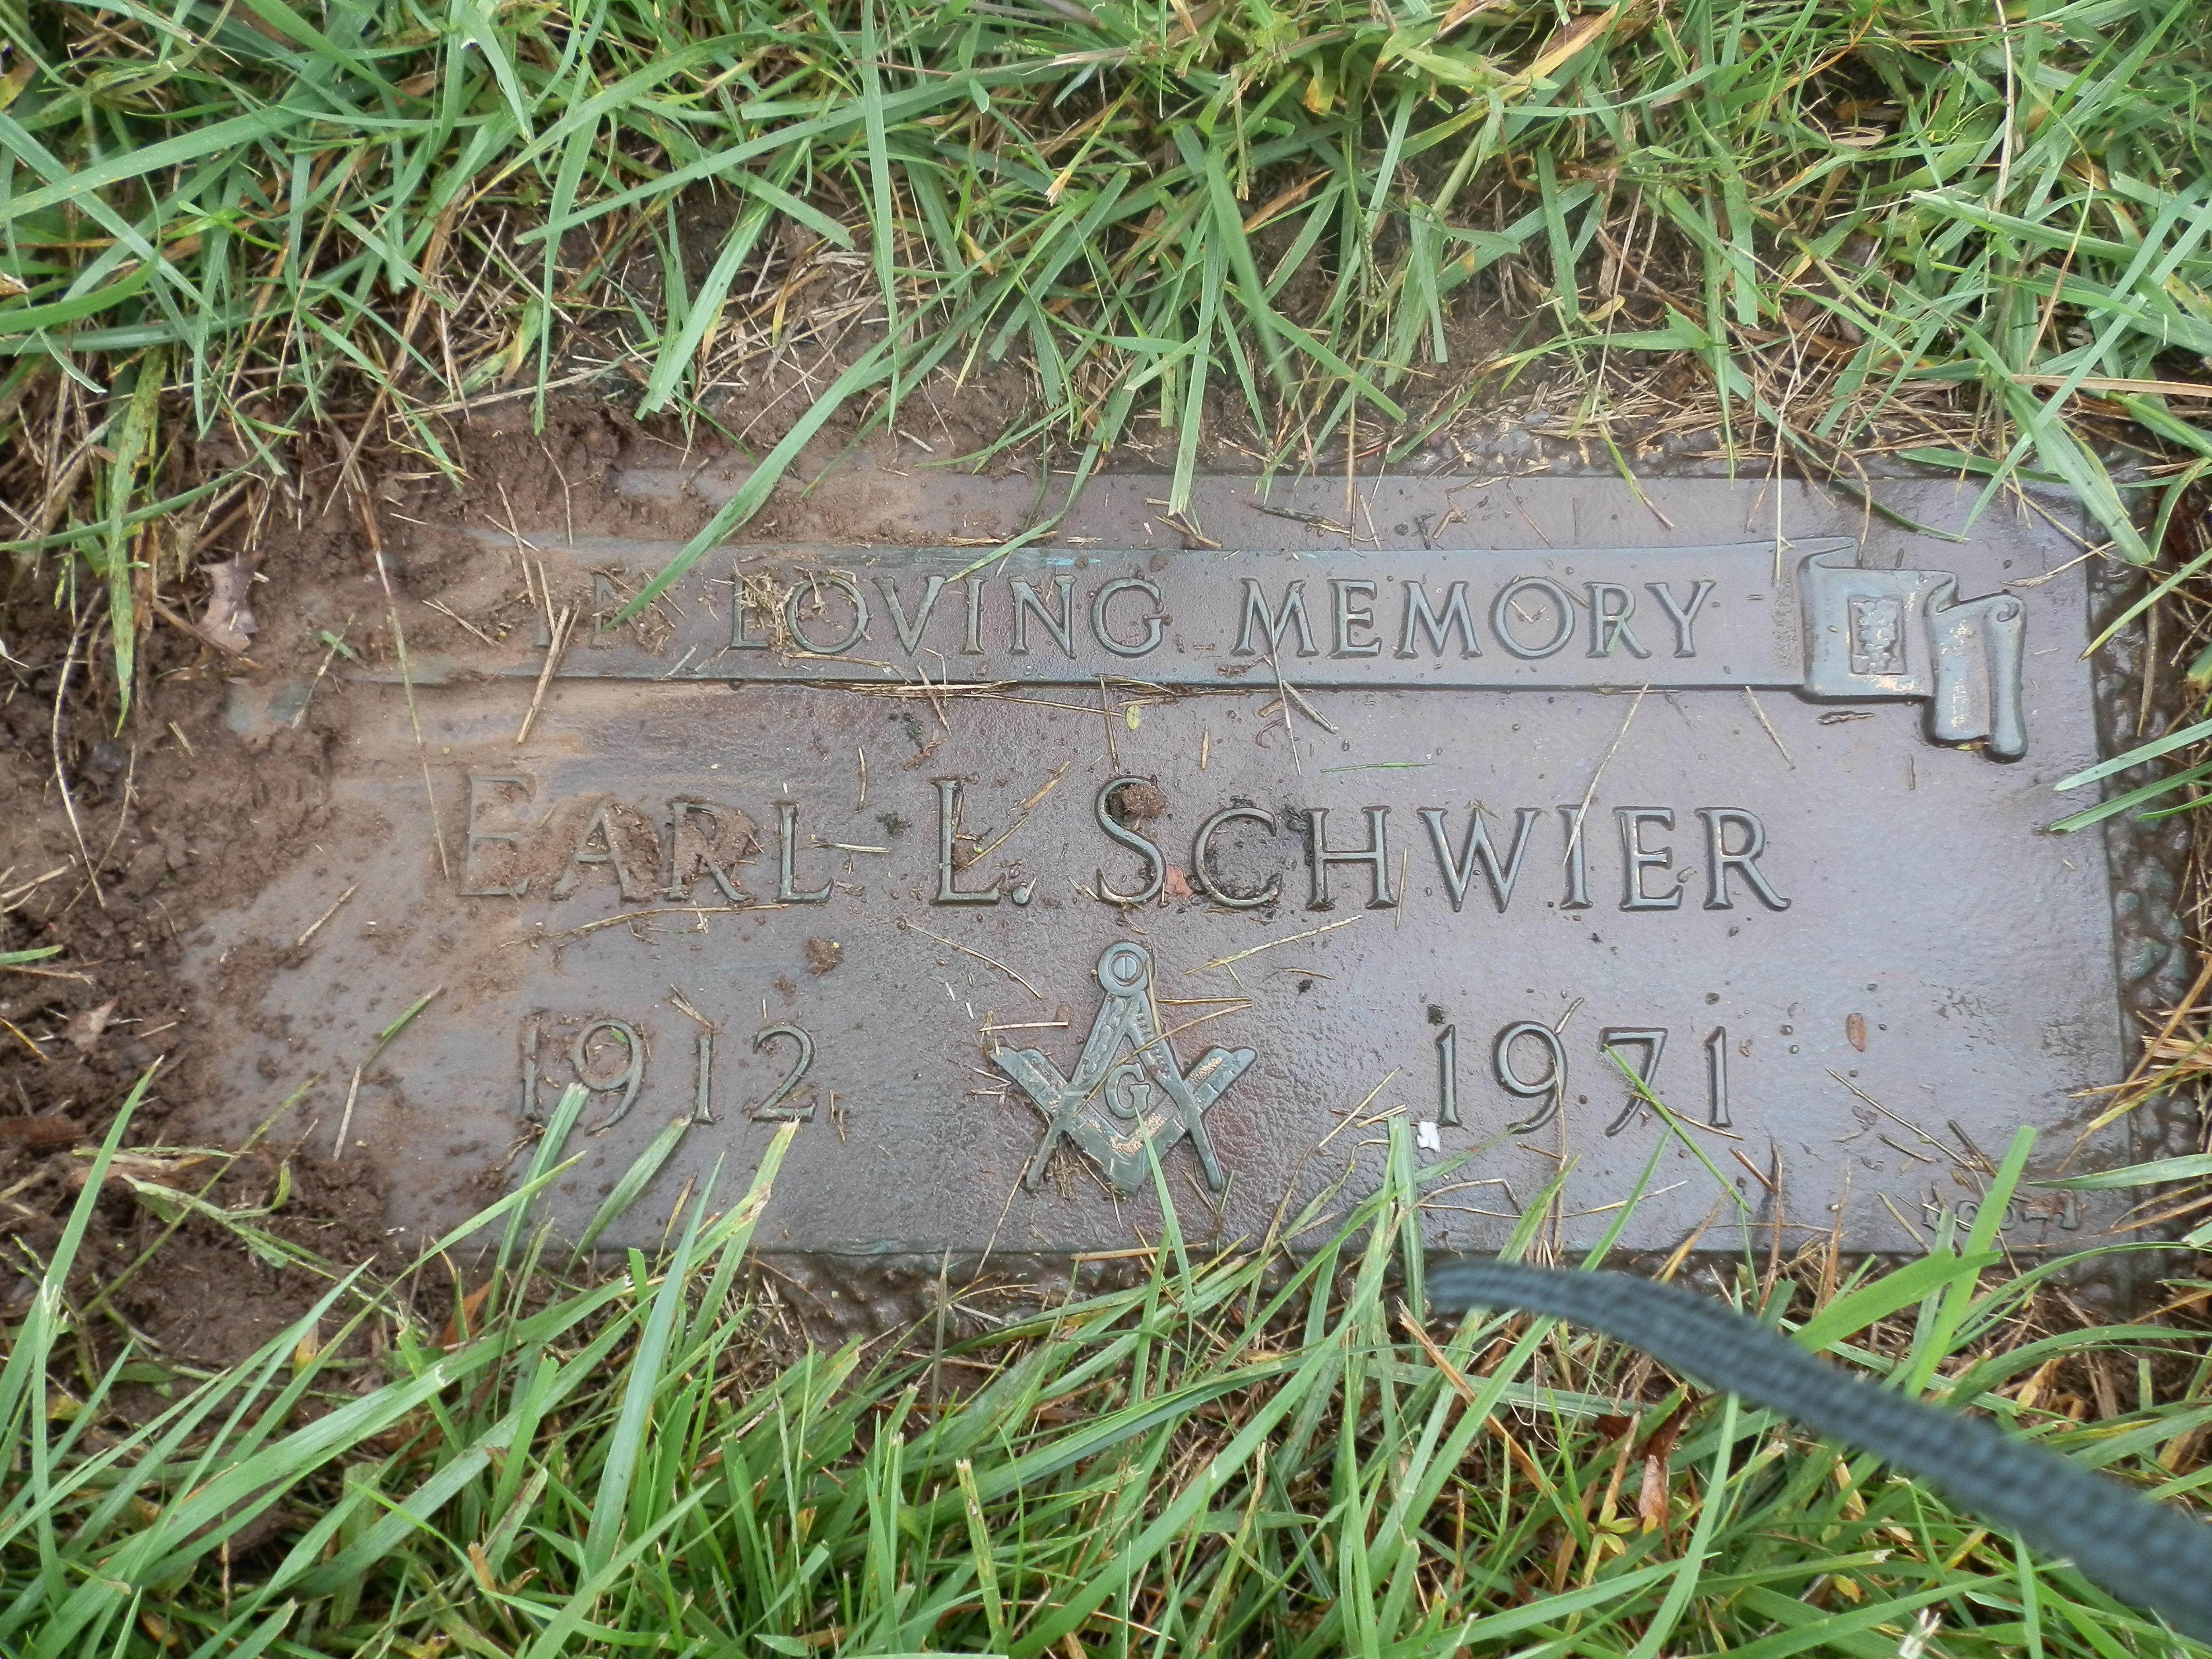 George L Schwier